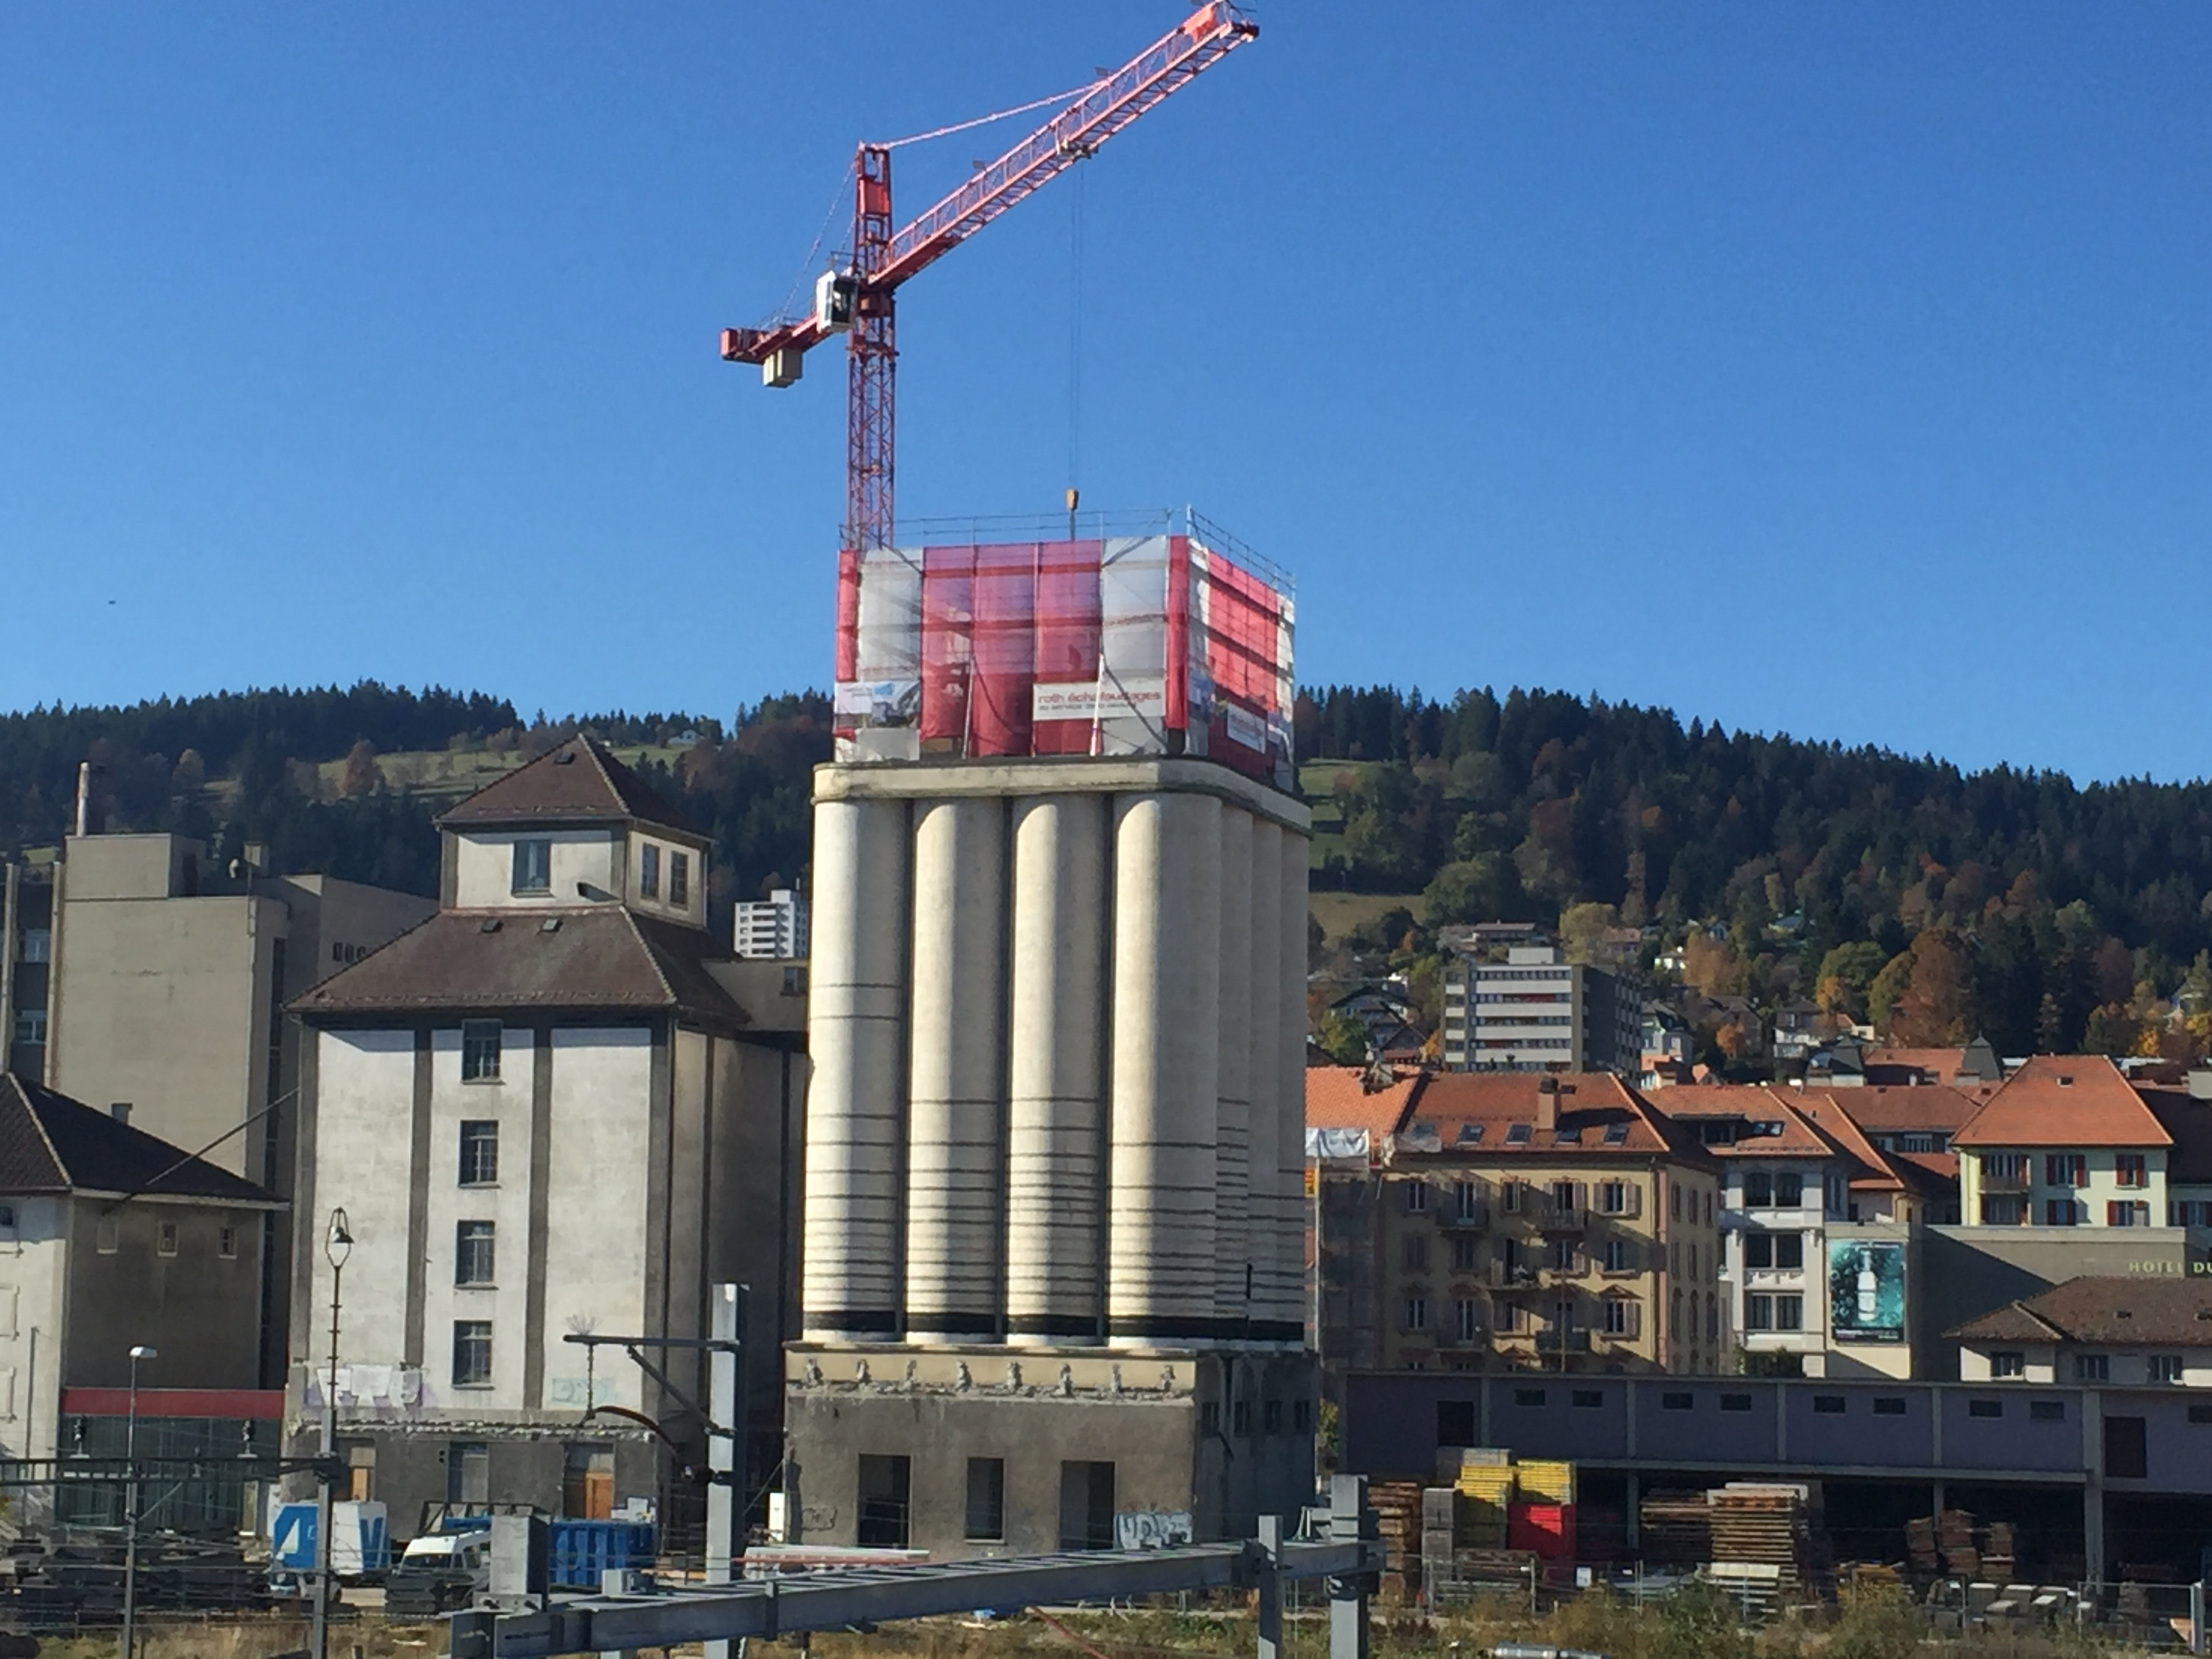 Les Moulins - Chaux-de-Fonds